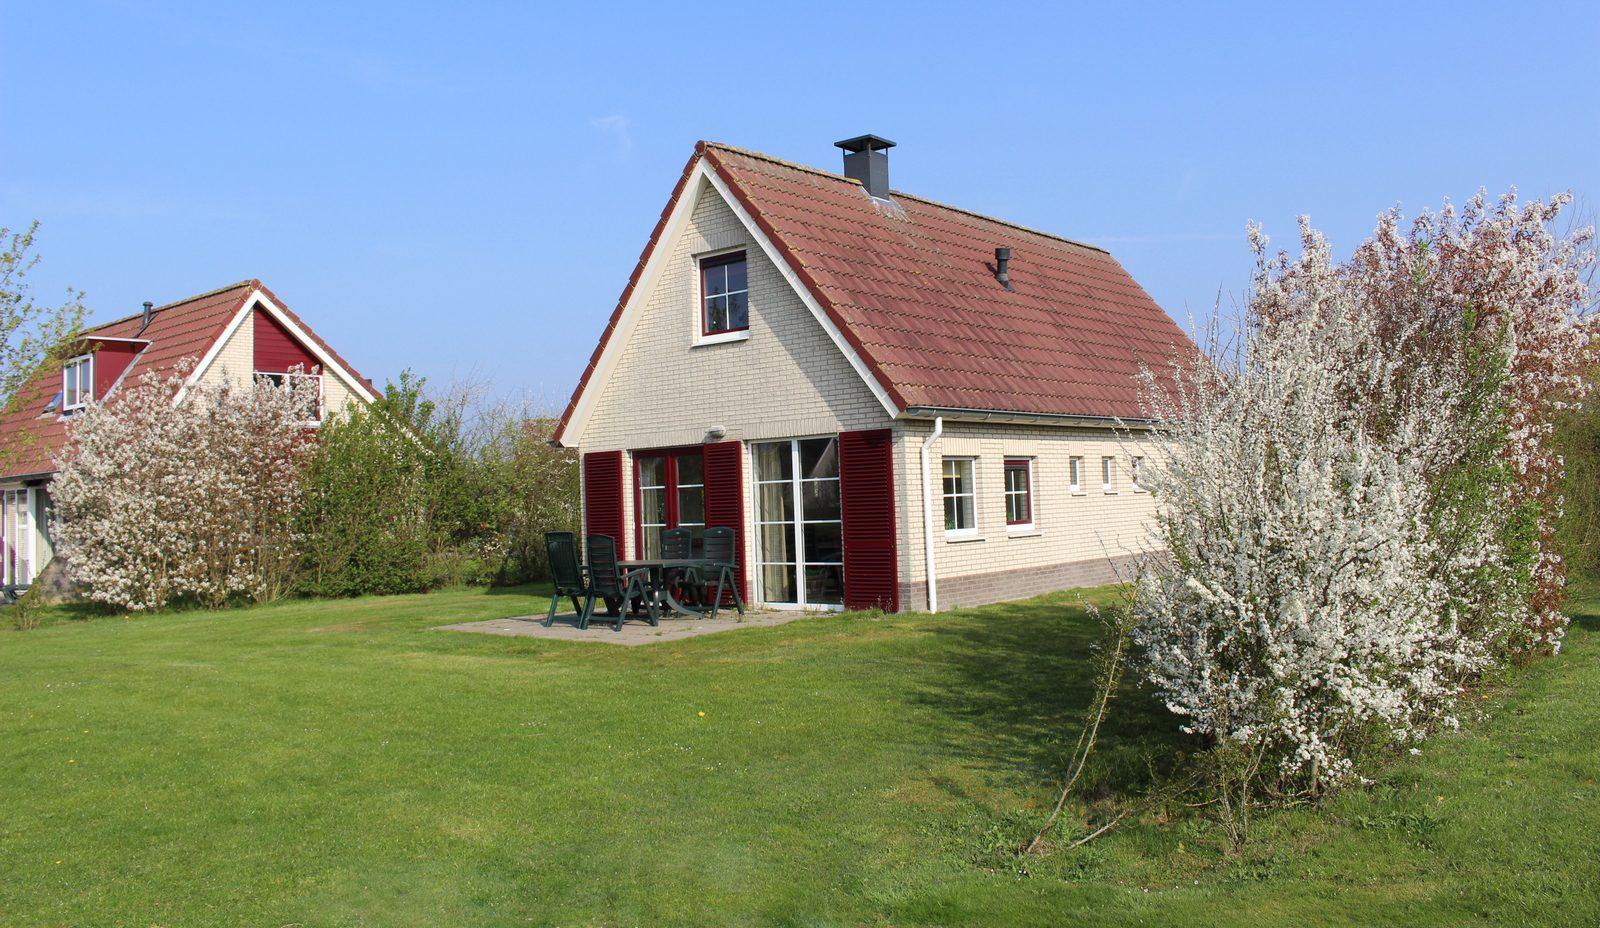 Buitenhuis 193, type Siluur 6-persoons Comfort (SR377) 3